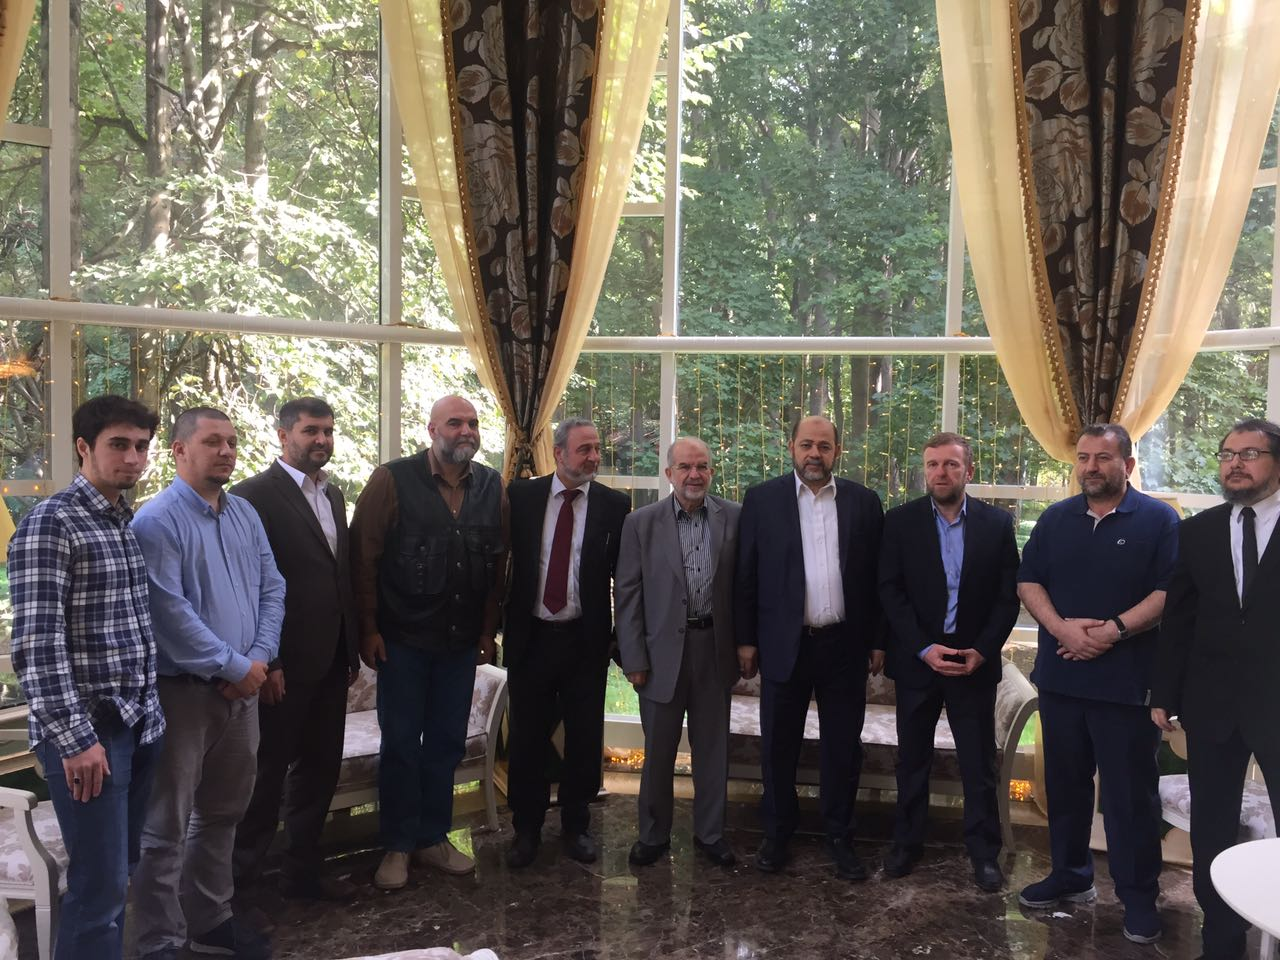 دعت حركة حماس مسلمي روسيا ان يتخذوا مكانة مشرفة في المجتمع